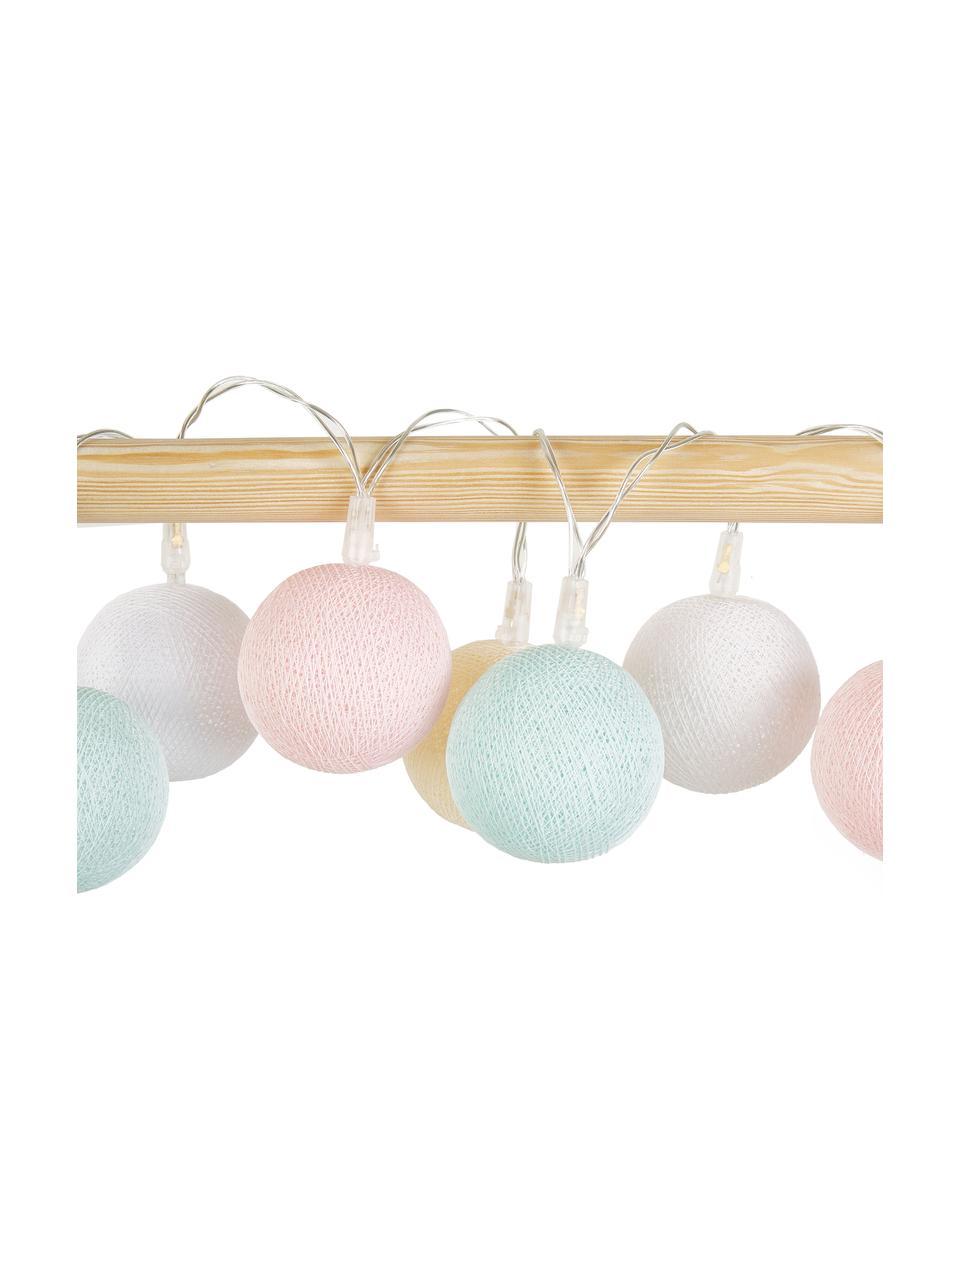 Ghirlanda a LED Colorain, 378 cm, 20 lampioni, Bianco, crema, rosa cipria, azzurro, Lung. 378 cm